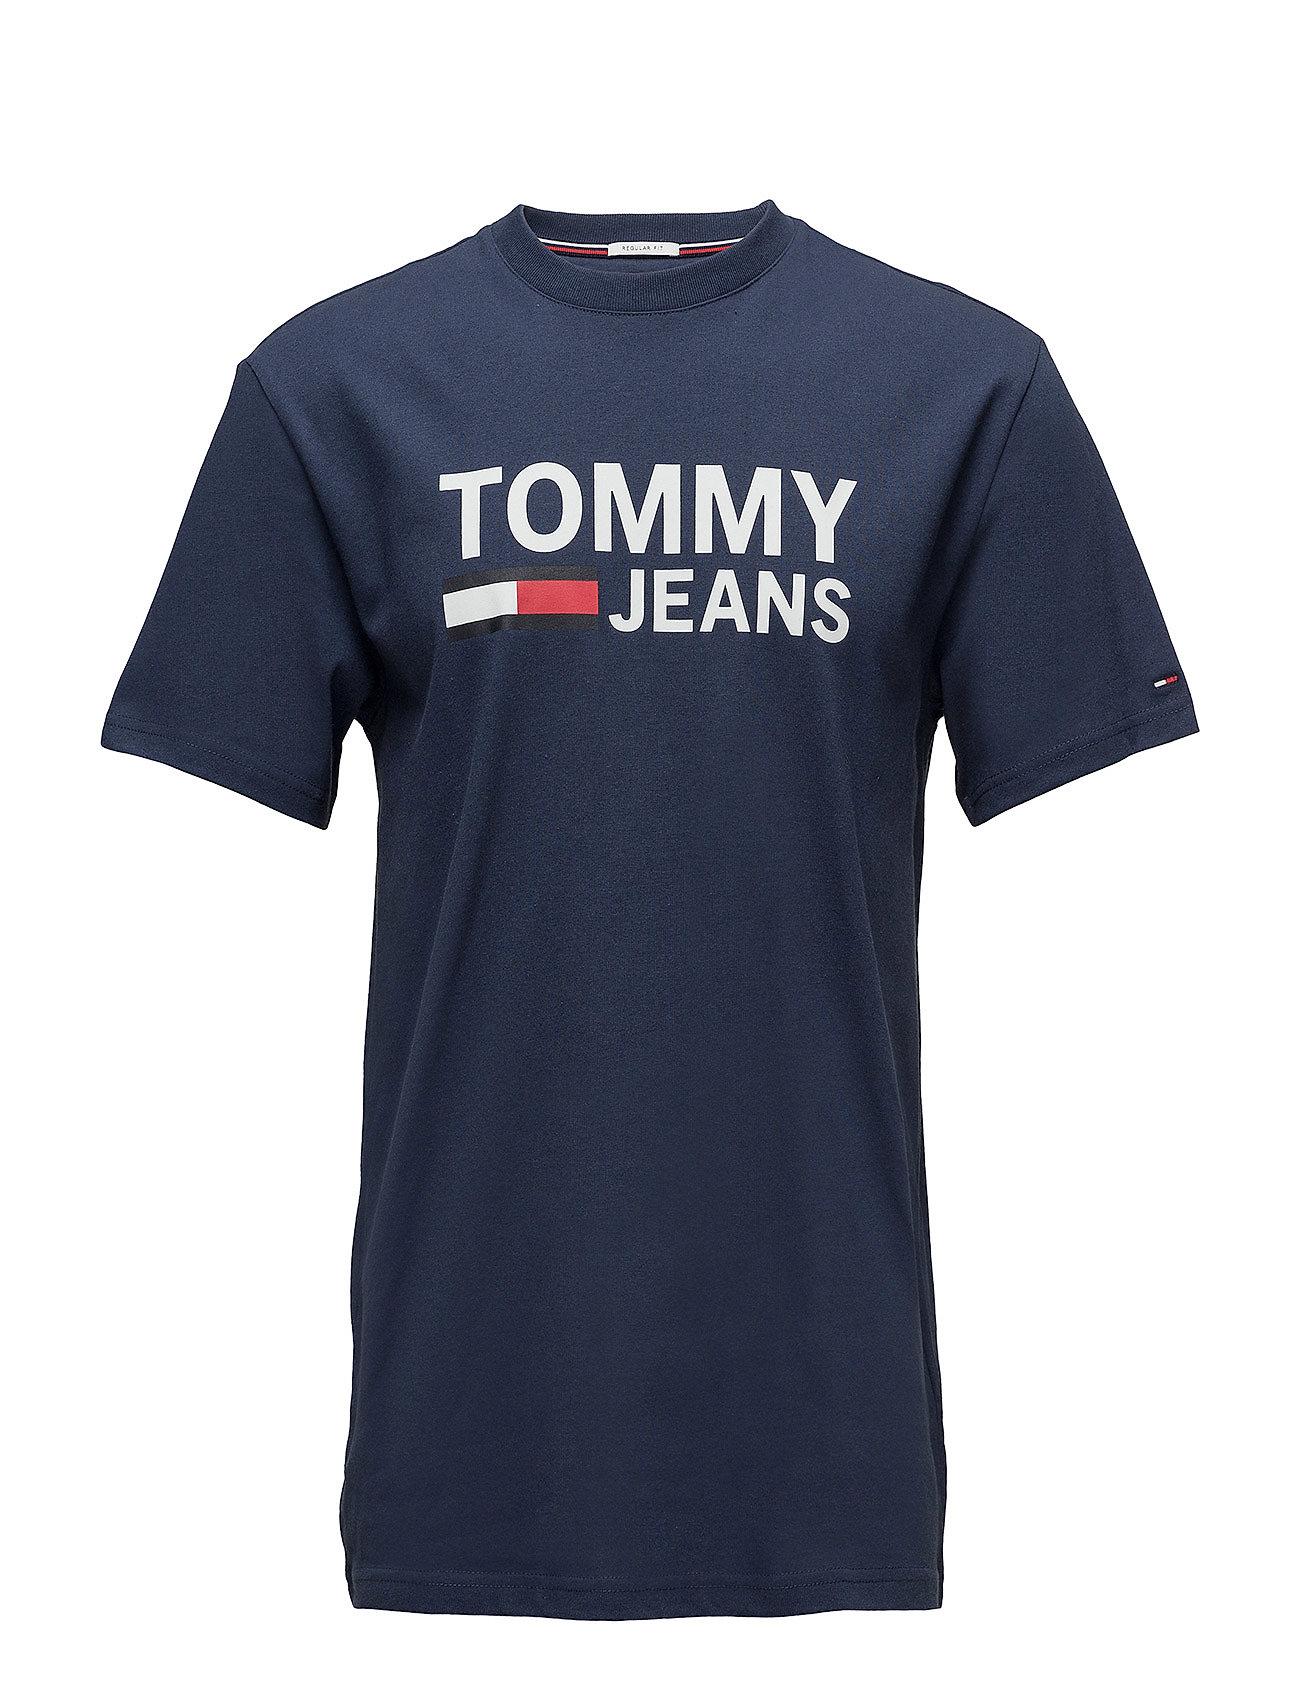 Tommy Jeans TJM TOMMY CLASSICS L - BLACK IRIS